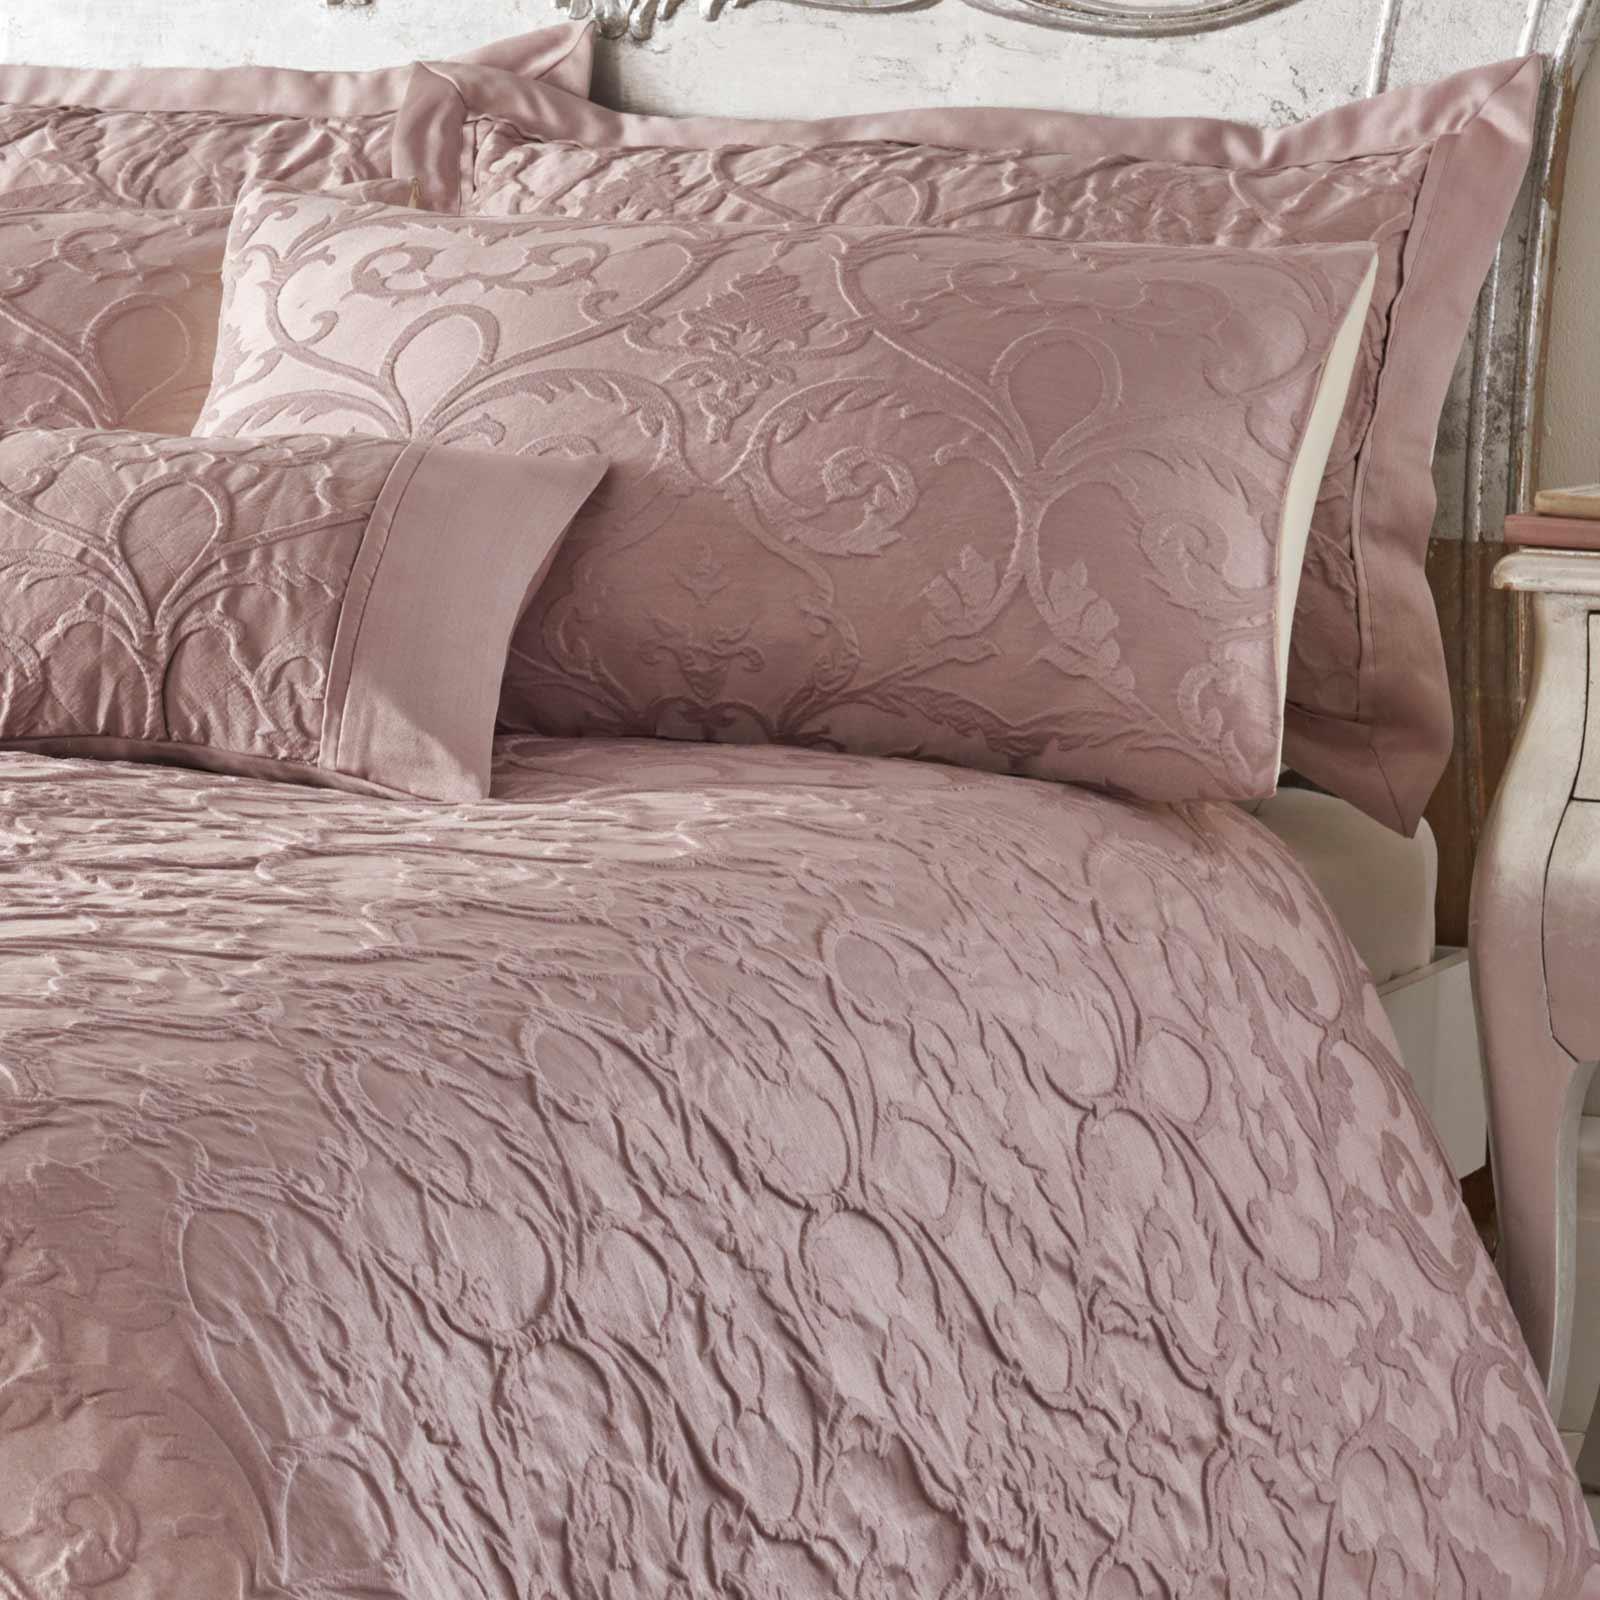 Blush-fundas-nordicas-Rosa-con-Textura-Jacquard-Edredon-Cubierta-de-Lujo-Coleccion-de-ropa-de-cama miniatura 4